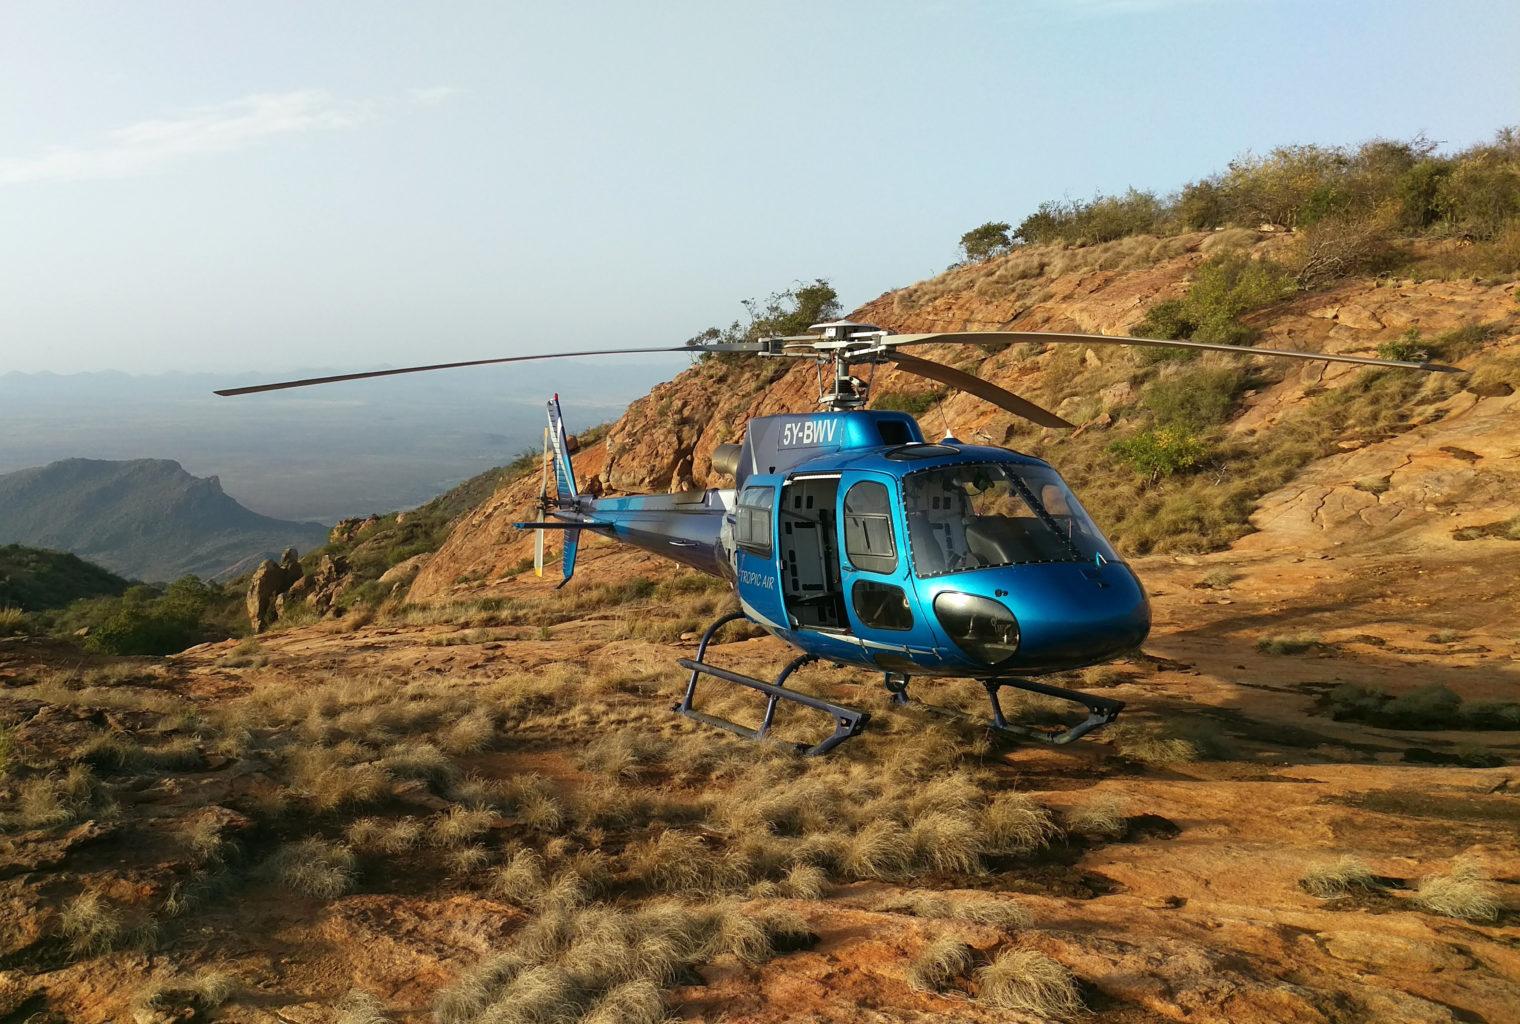 Nothern Kenya Heli Tropic Air